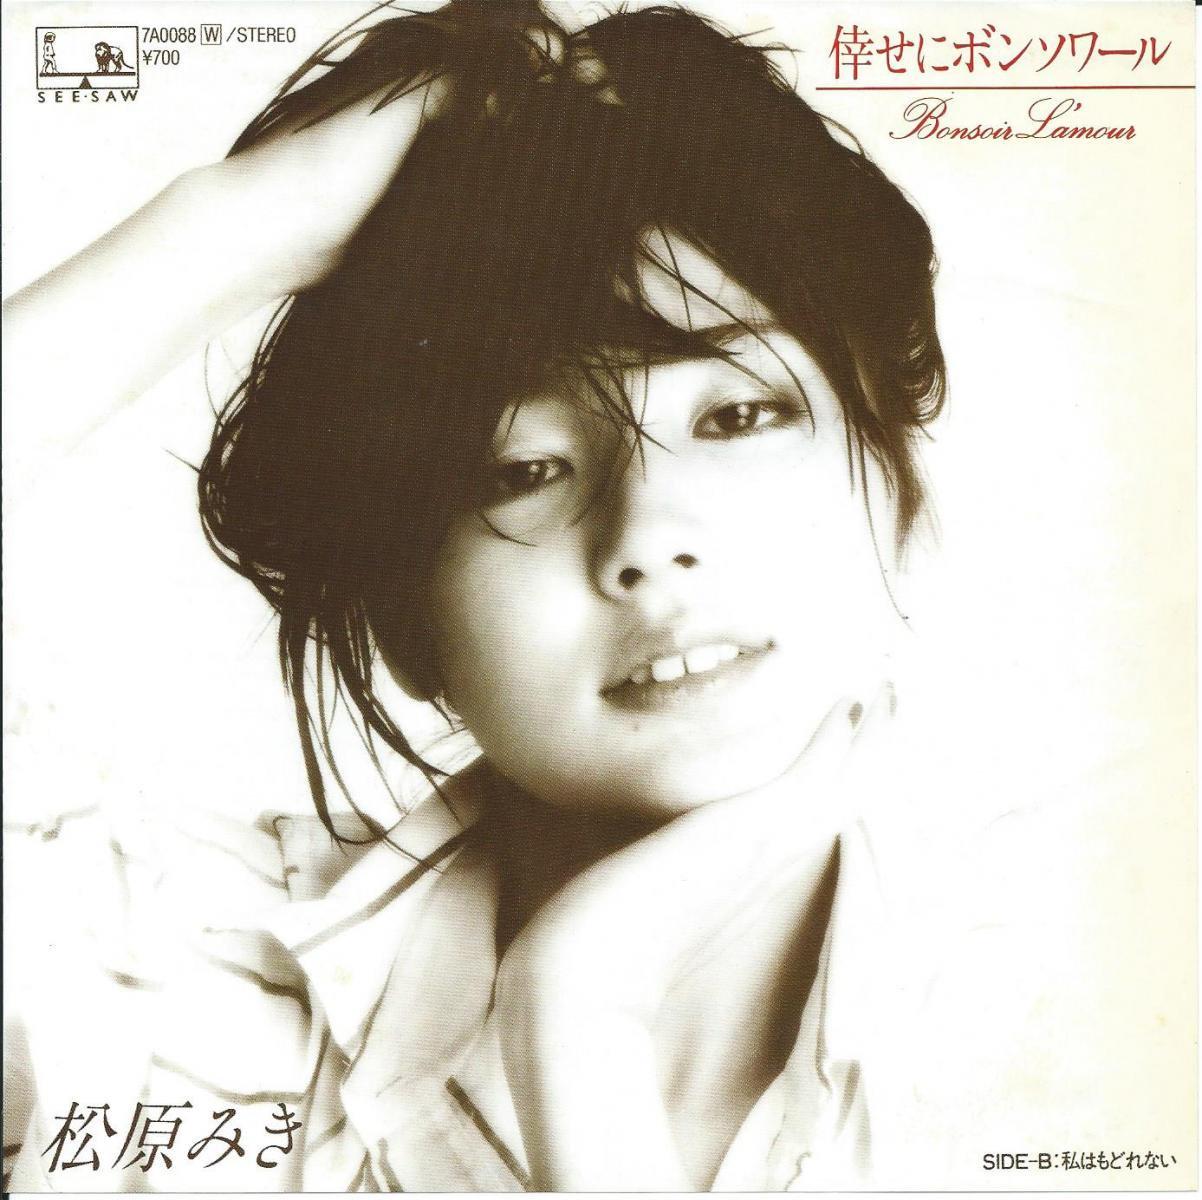 松原みき MIKI MATSUBARA / 倖せにボンソワール Bonsoir L'amour (7